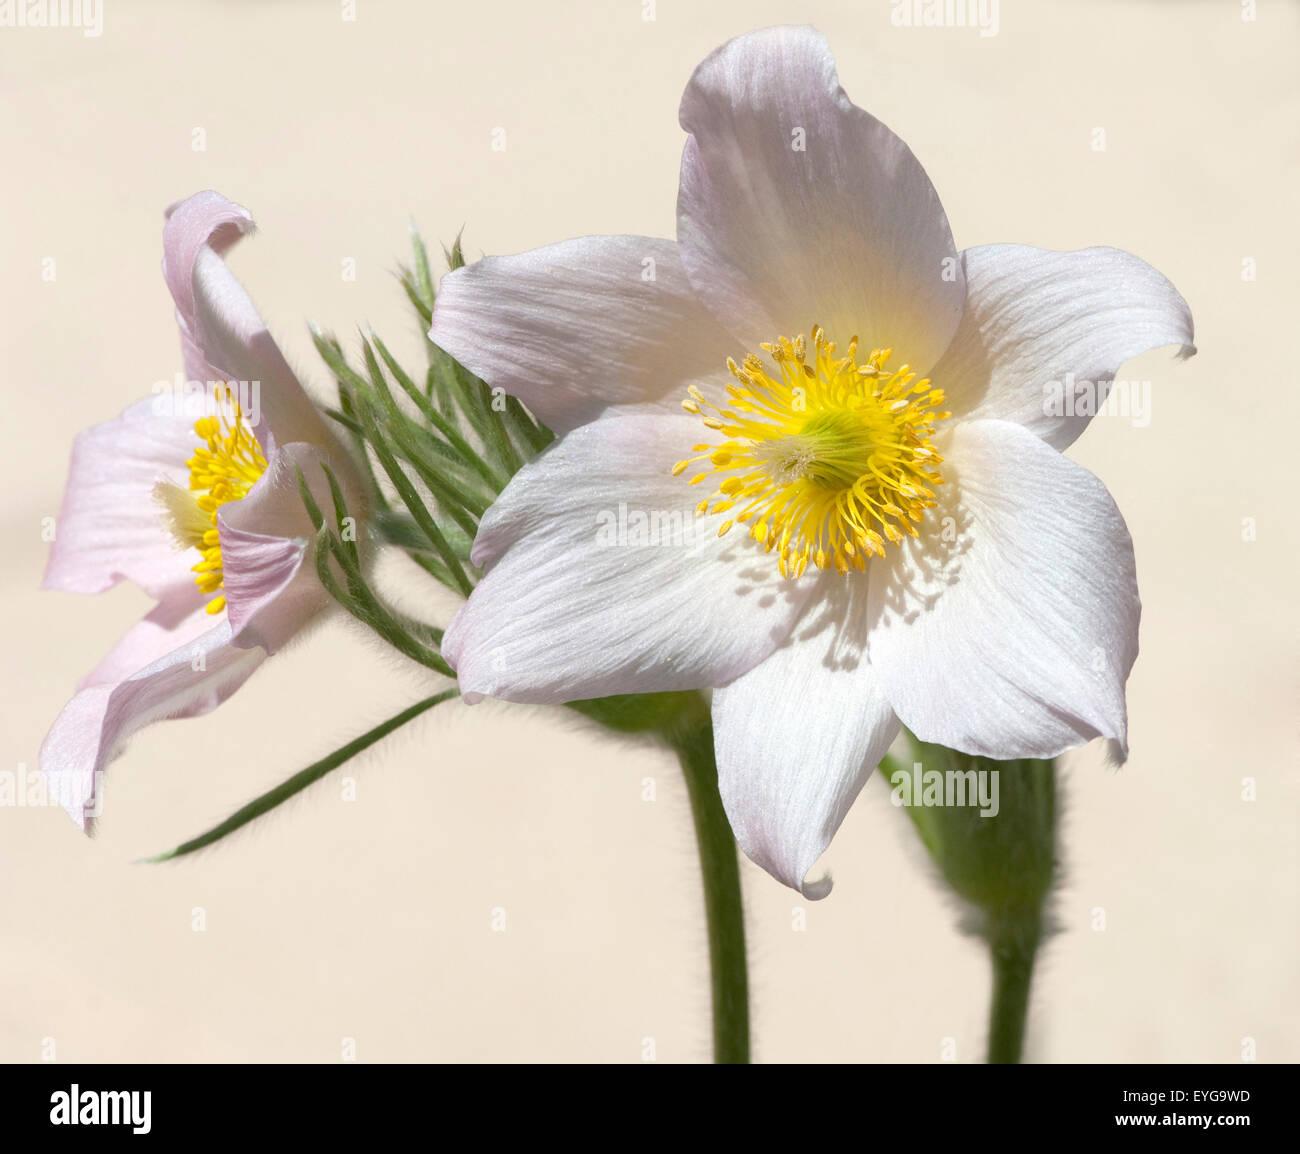 Kuechenschelle; Pulsatilla alba - Stock Image